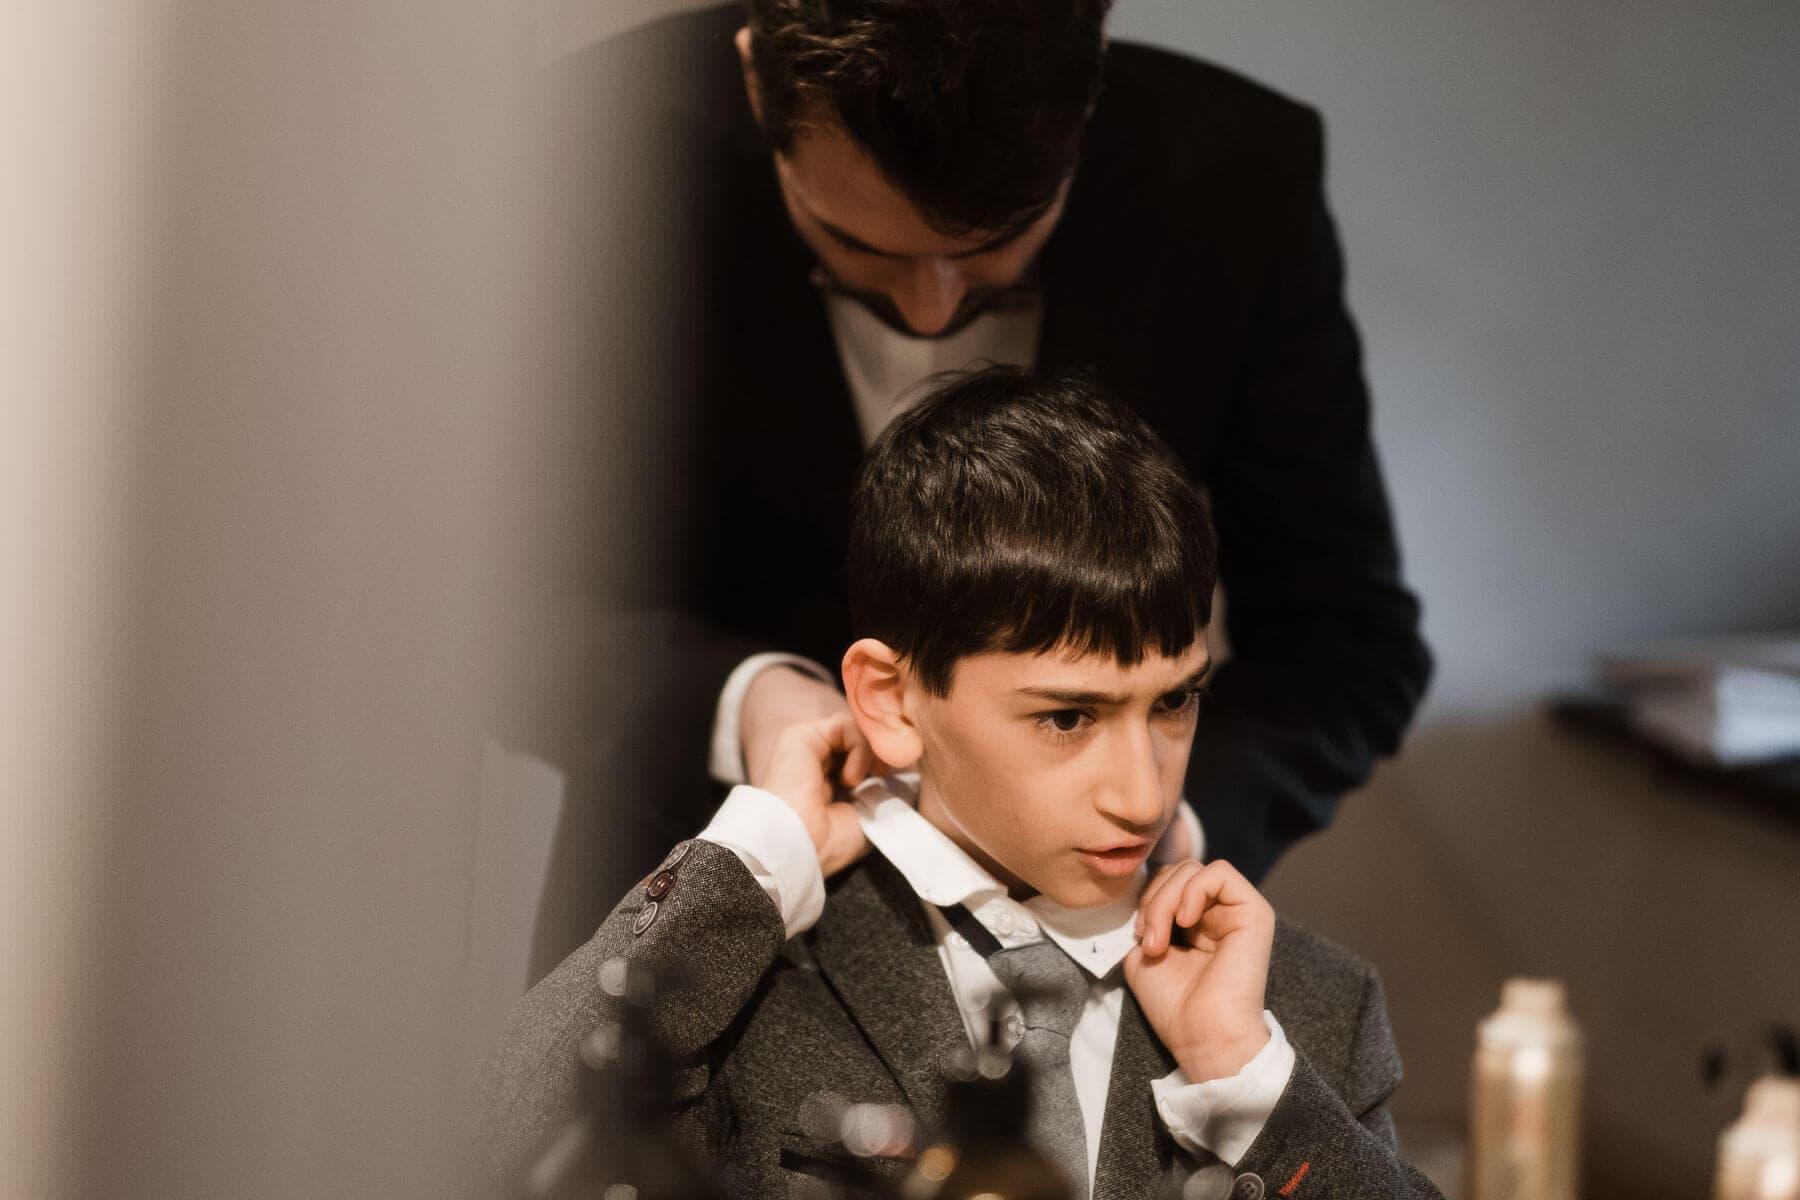 ein kleiner Junge sitzt vor einem Spiegel in einem Landhaus, er schaut mit einem kritischen Blick in den Spiegel, hinter ihm steht ein Mann, der dem Jungen die Krawatte richtet